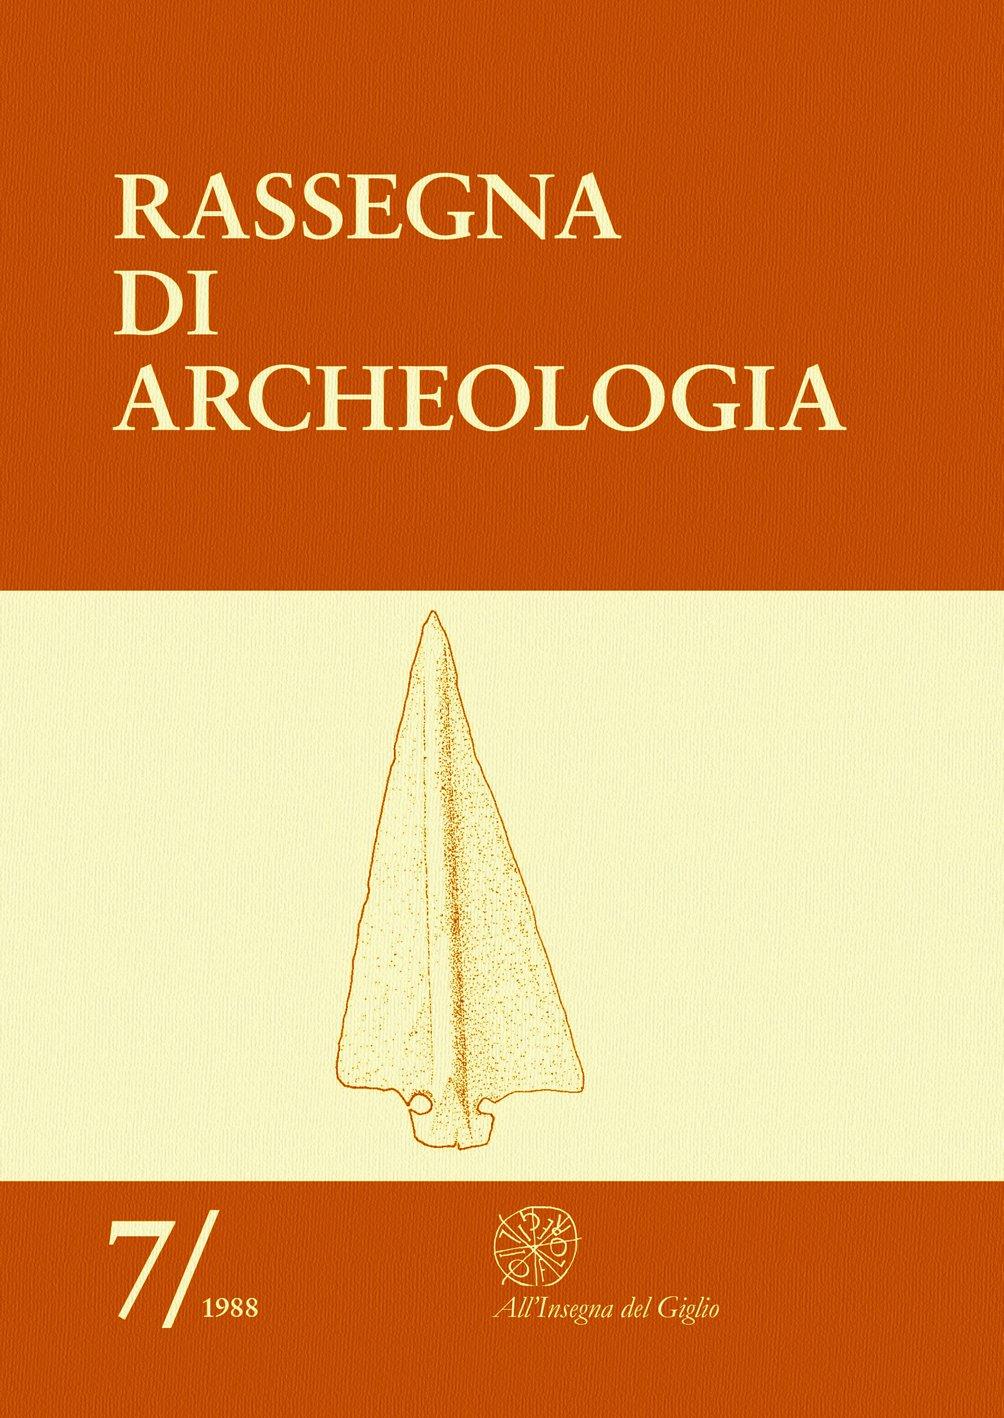 Rassegna di Archeologia, 7, 1988 - Contiene gli Atti del Congresso Internazionale: 'L'Età del Rame in Europa' (Viareggio 1987)